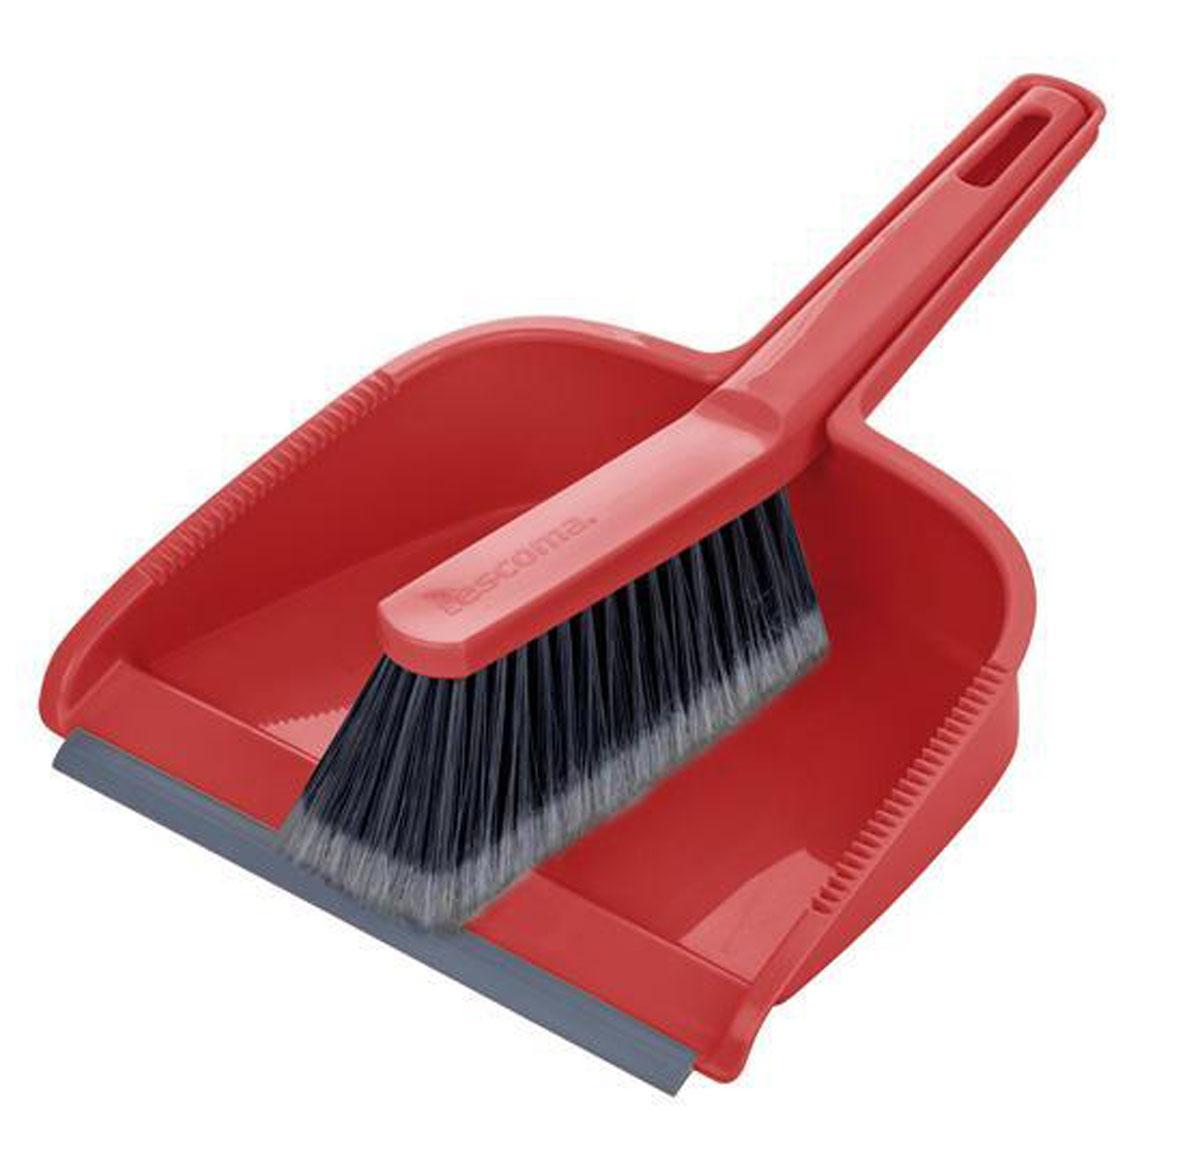 Набор для уборки Tescoma Clean Kit, цвет: красный, 2 предмета900688_красныйНабор для уборки Tescoma Clean Kit состоит из совка и щетки, изготовленных из высококачественного пластика. Вместительный совок удерживает собранный мусор, позволяет эффективно и быстро совершать уборку в любом помещении. Прорезиненный край совка обеспечивает наиболее плотное прилегание к полу. Щетка имеет удобную форму, позволяющую вымести мусор даже из труднодоступных мест. Совок и щетка оснащены ручками с отверстиями для подвешивания. С набором Tescoma Clean Kit уборка станет легче и приятнее. Общая длина щетки: 25 см. Размер рабочей части щетки: 12,5 см х 4,5 см х 5,5 см. Общая длина совка: 29,5 см. Размер рабочей части совка: 21,5 см х 17,5 см х 6 см.